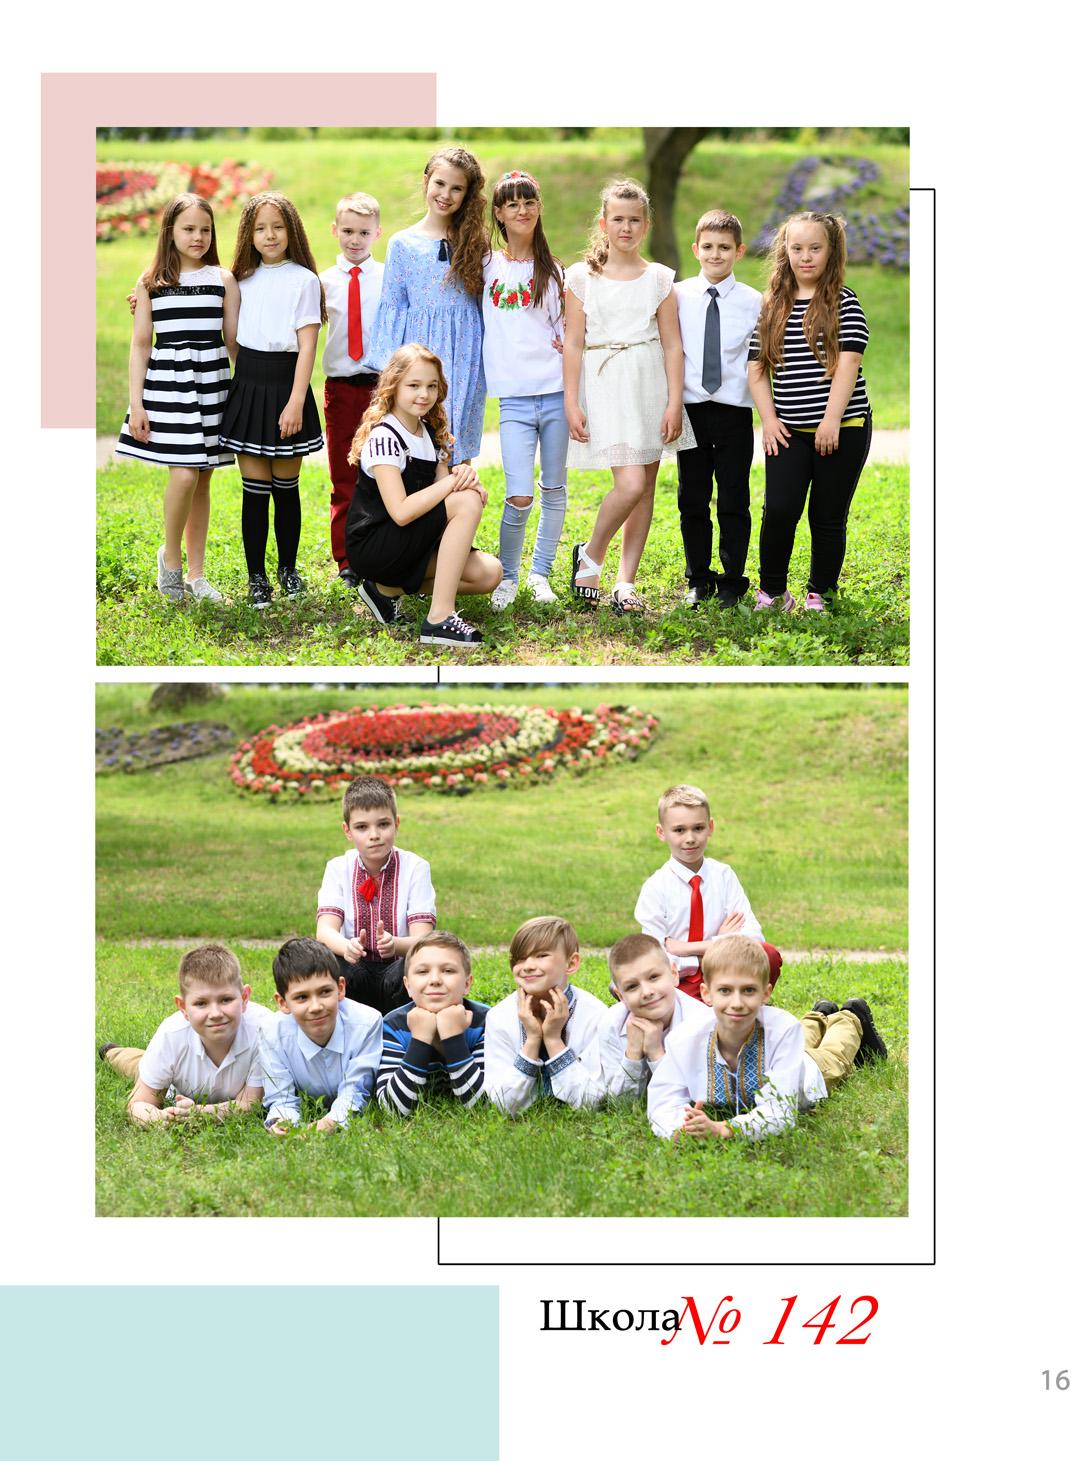 https://school-photo.com.ua/wp-content/uploads/2021/09/16-копия.jpg